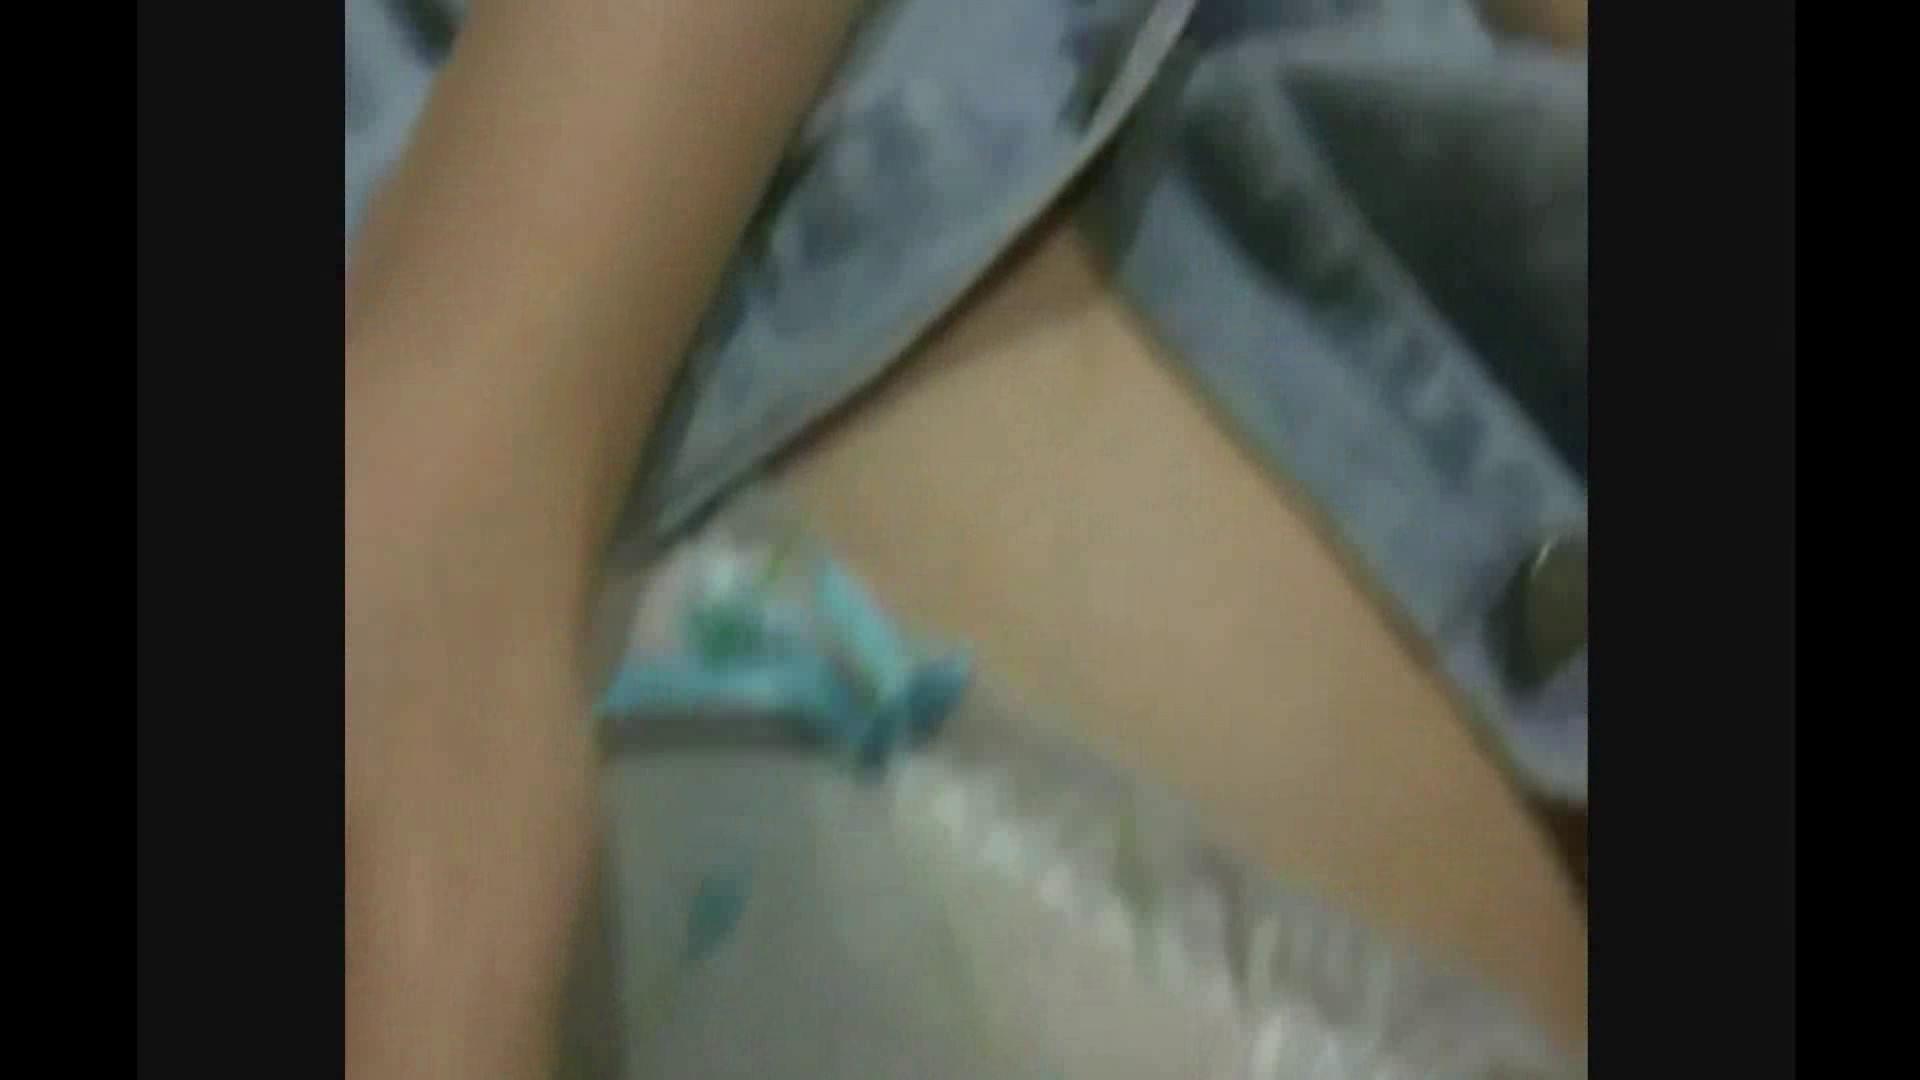 淫乱オナニー百花繚乱 Vol.01 淫乱 | 熟女の裸体  55画像 55